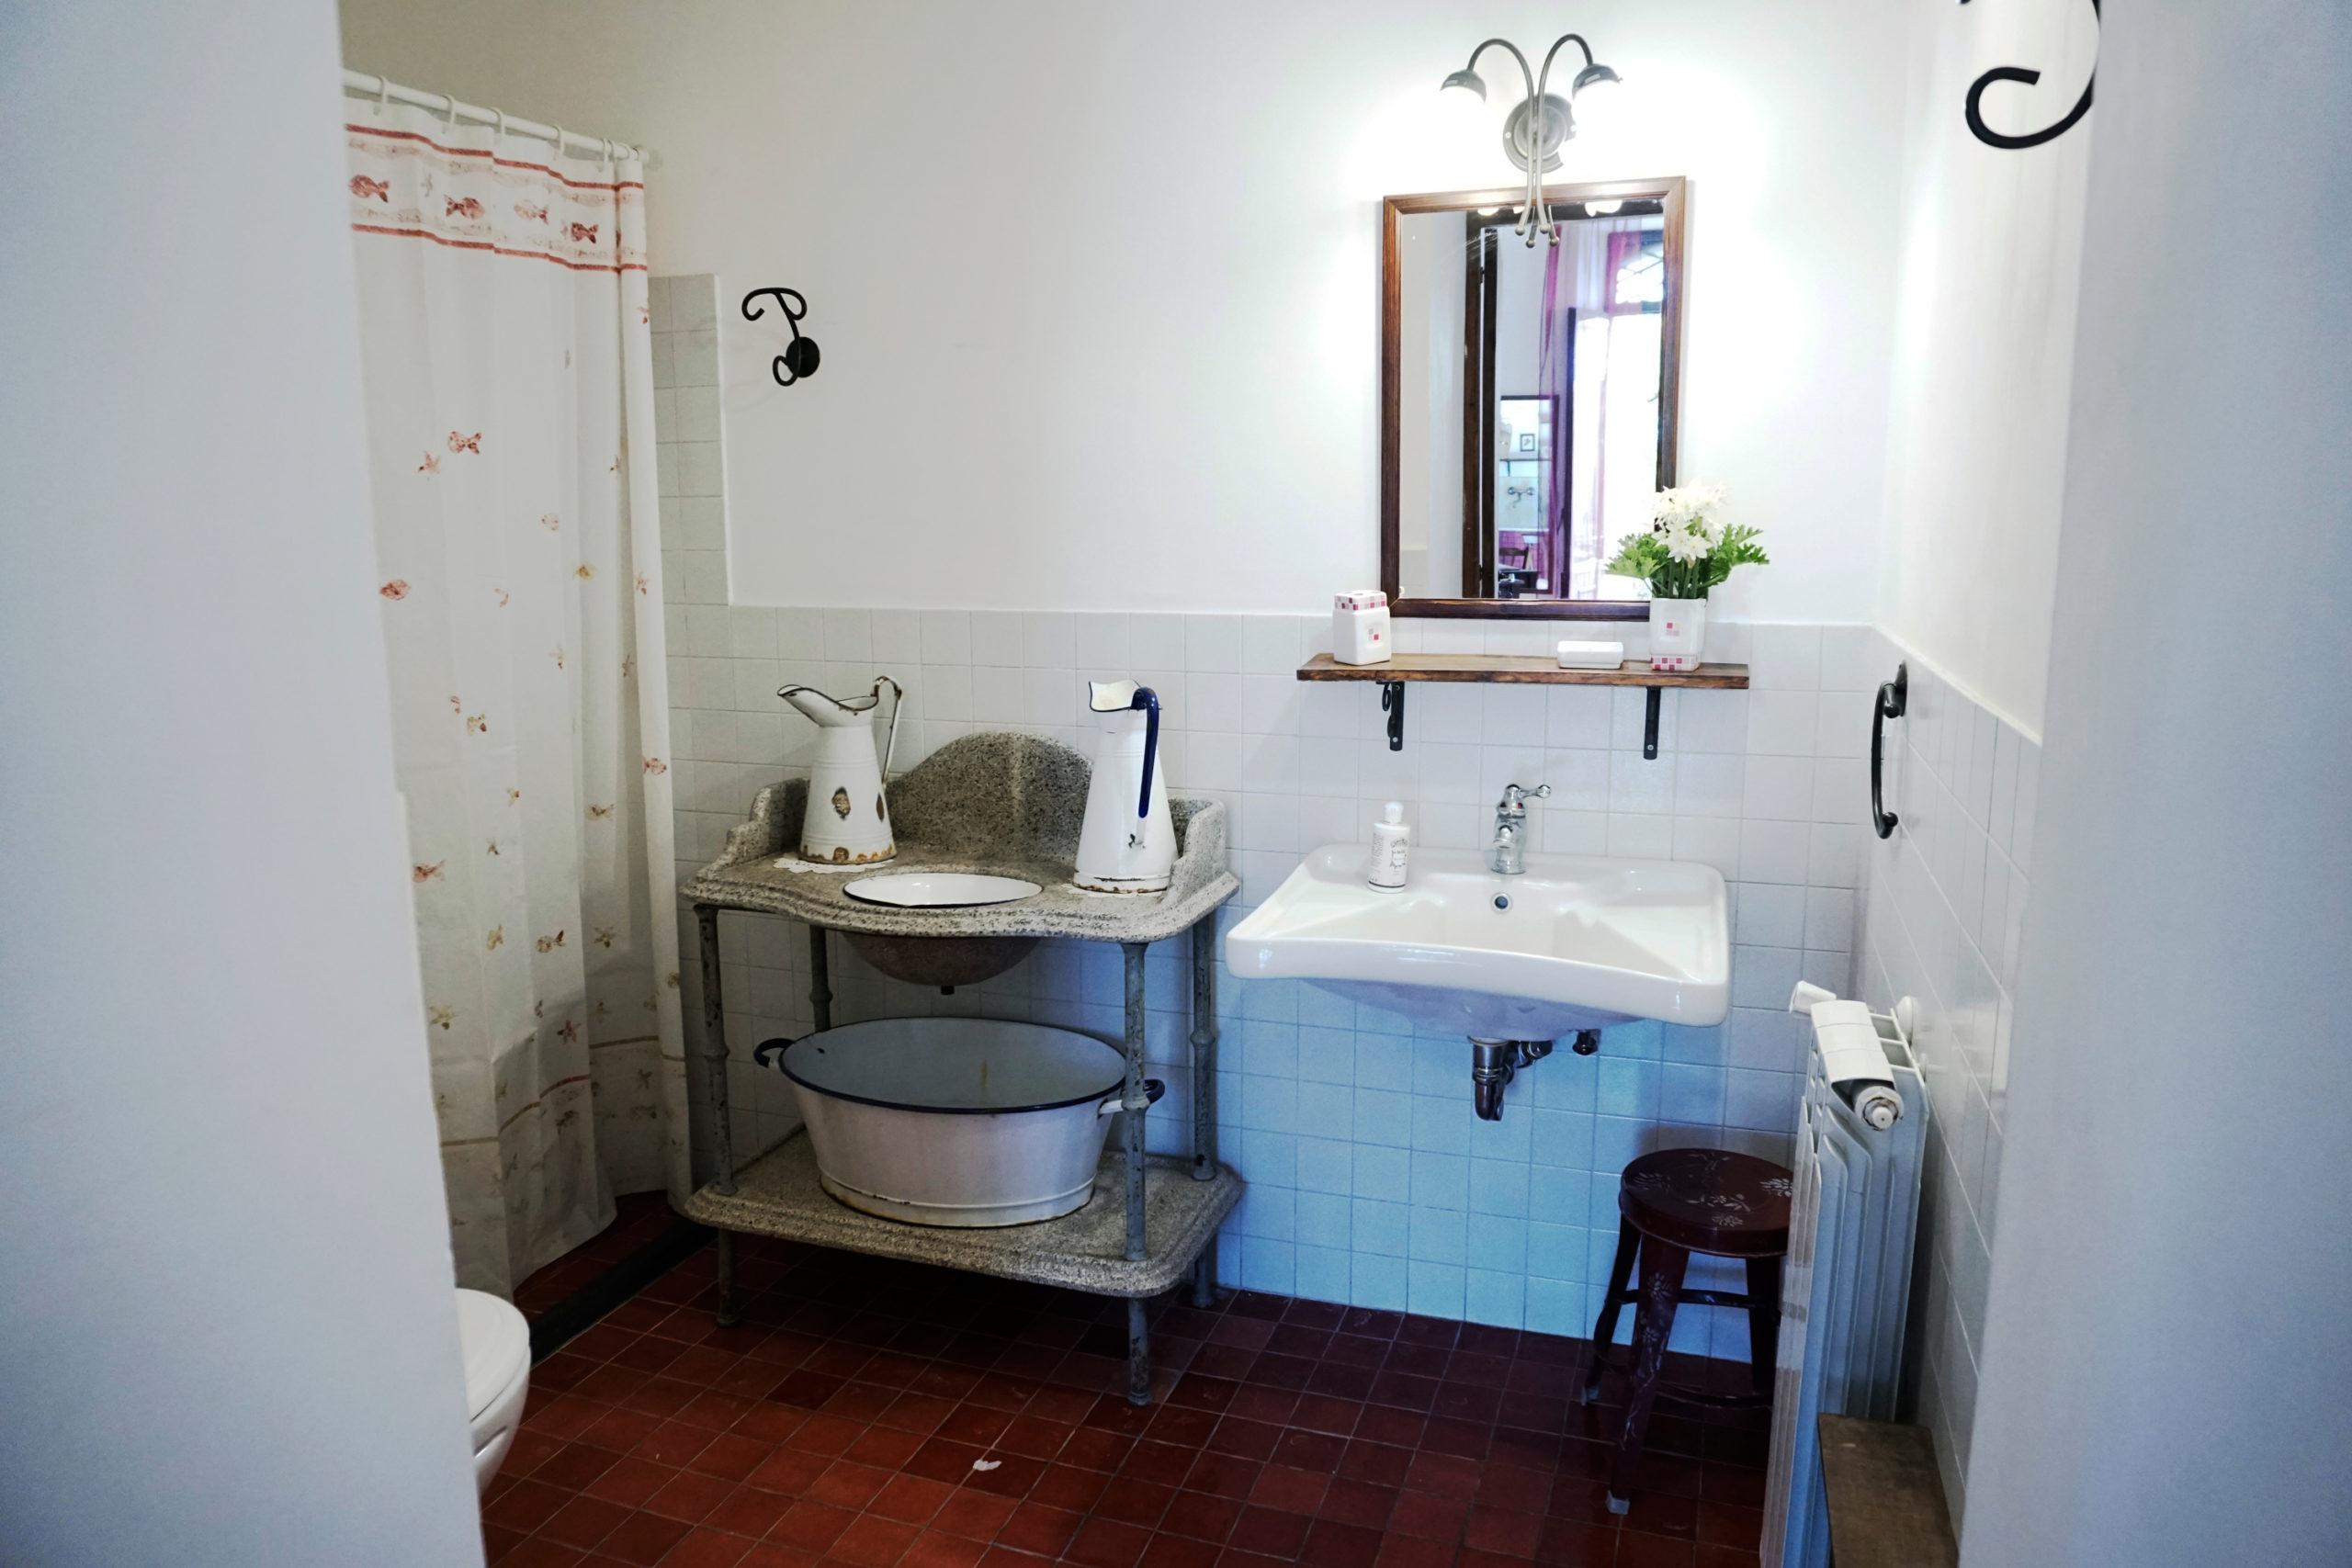 bagno_privato_matrimoniale_malvarosa_bassa